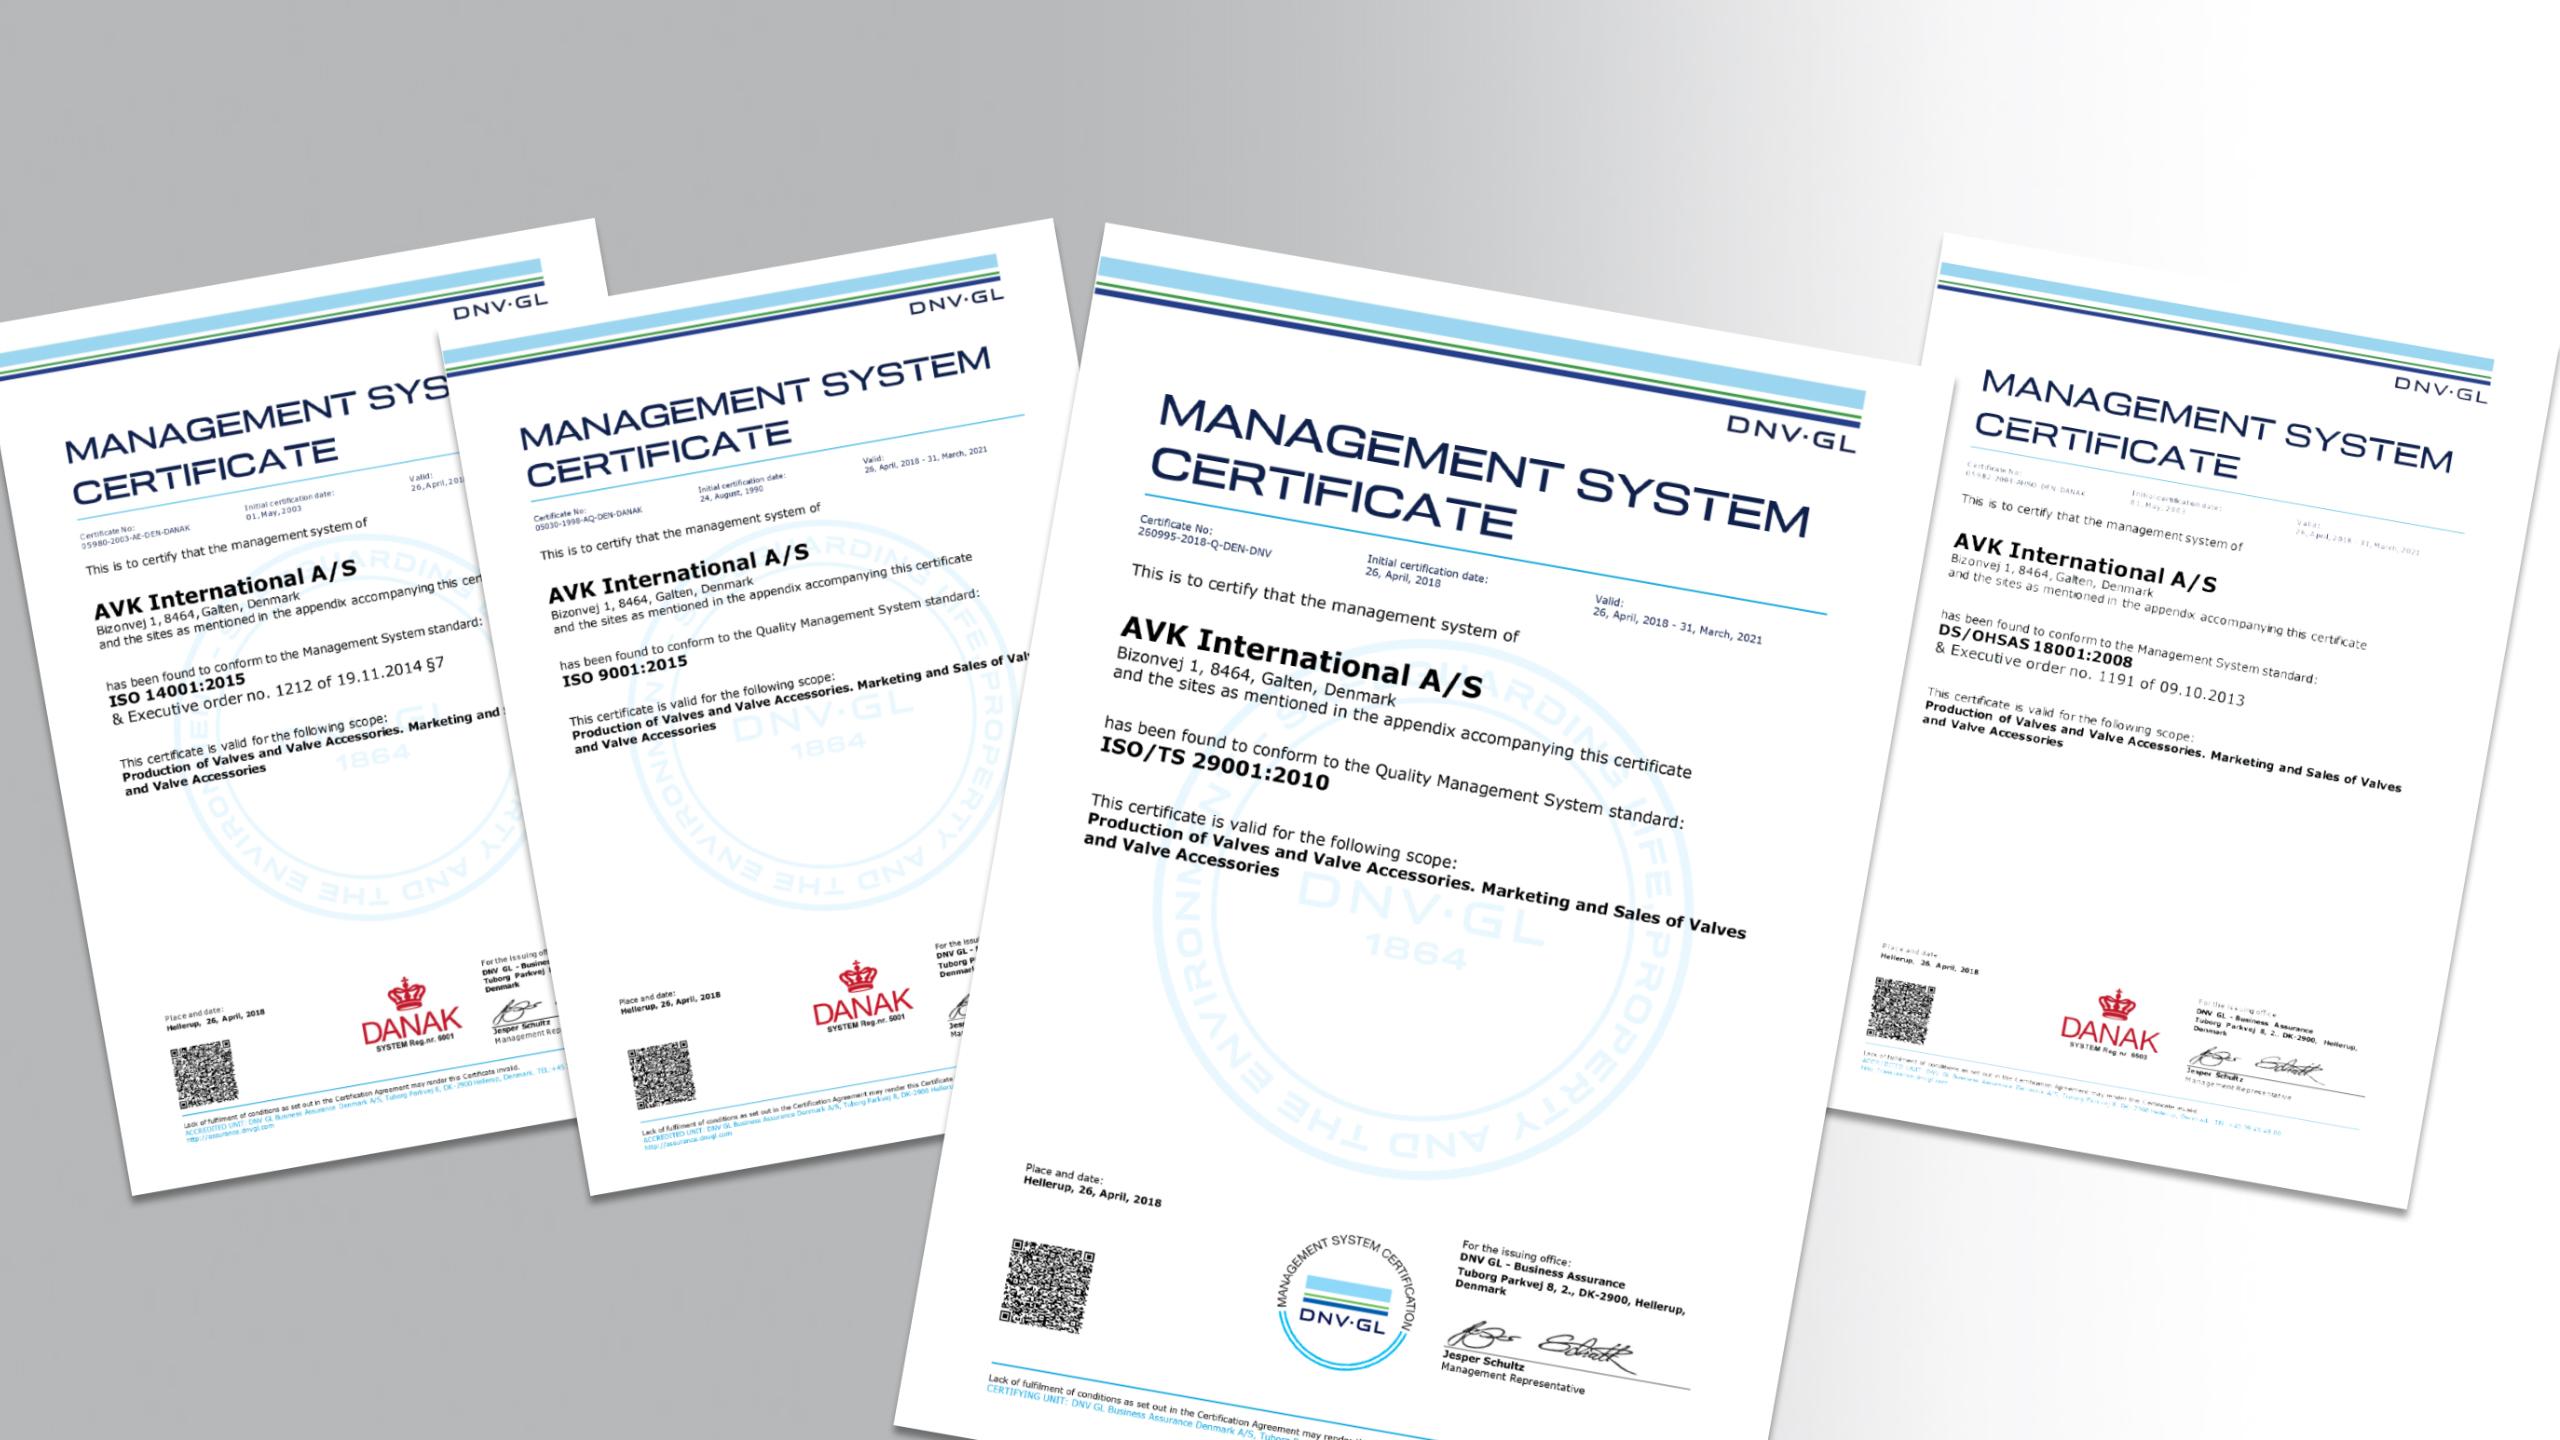 Certificat  ISO TS 29001 pentru AVK